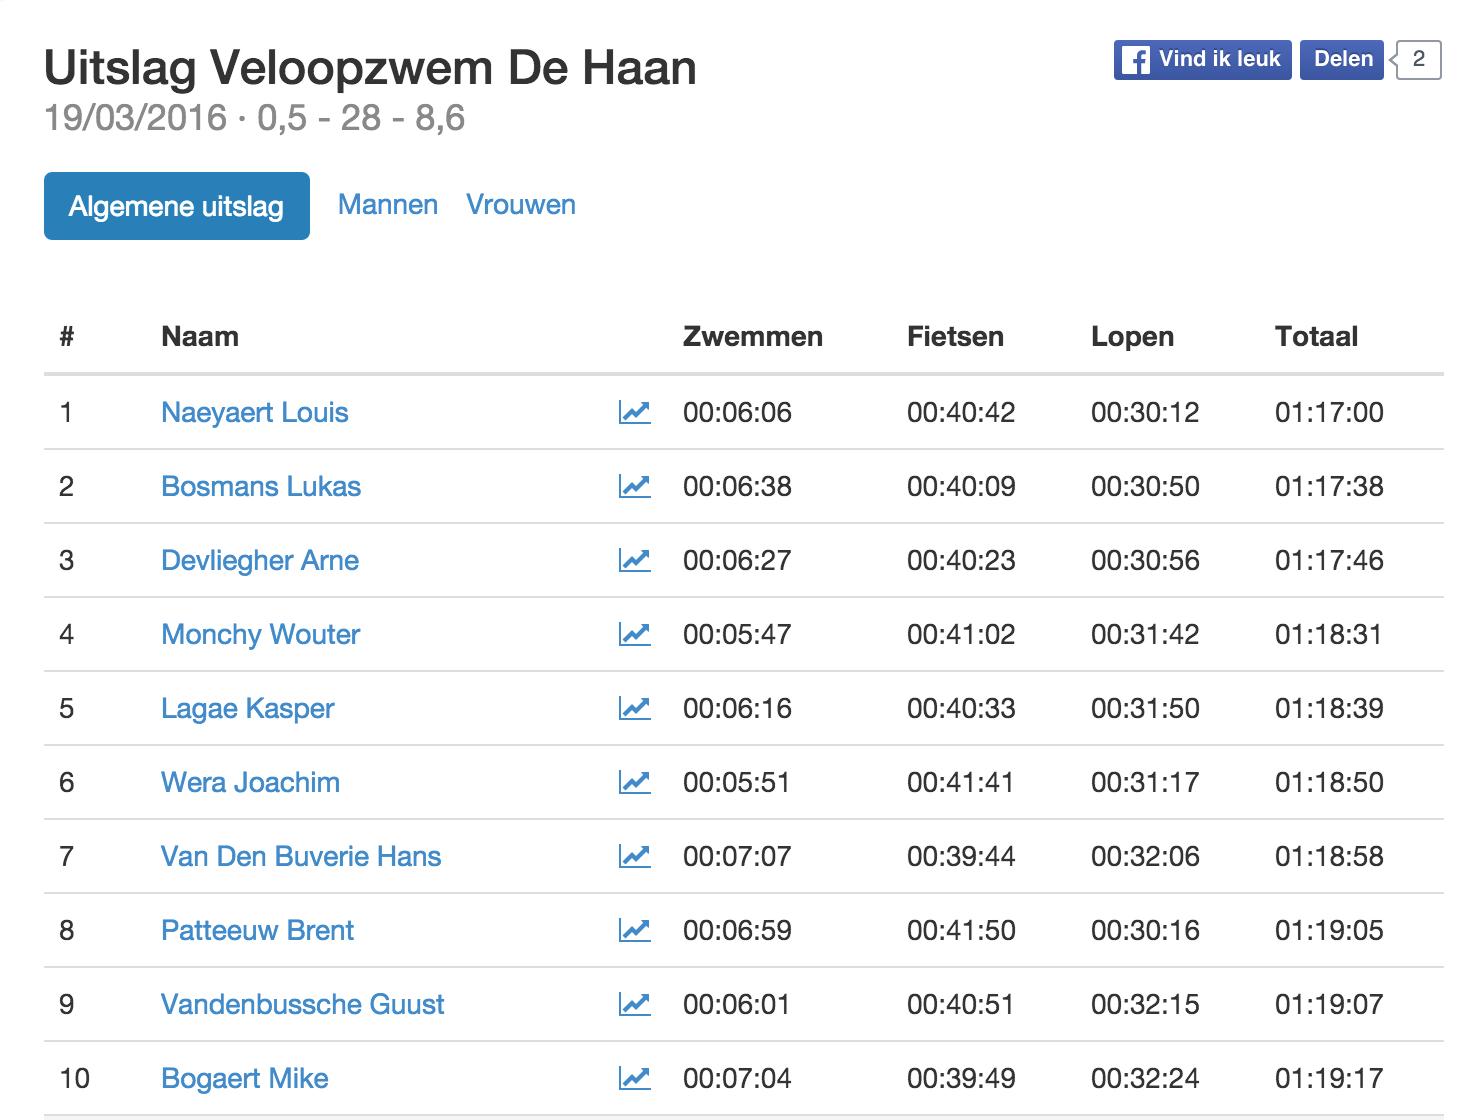 Triatlonwedstrijden.be · Uitslag Veloopzwem De Haan 2016